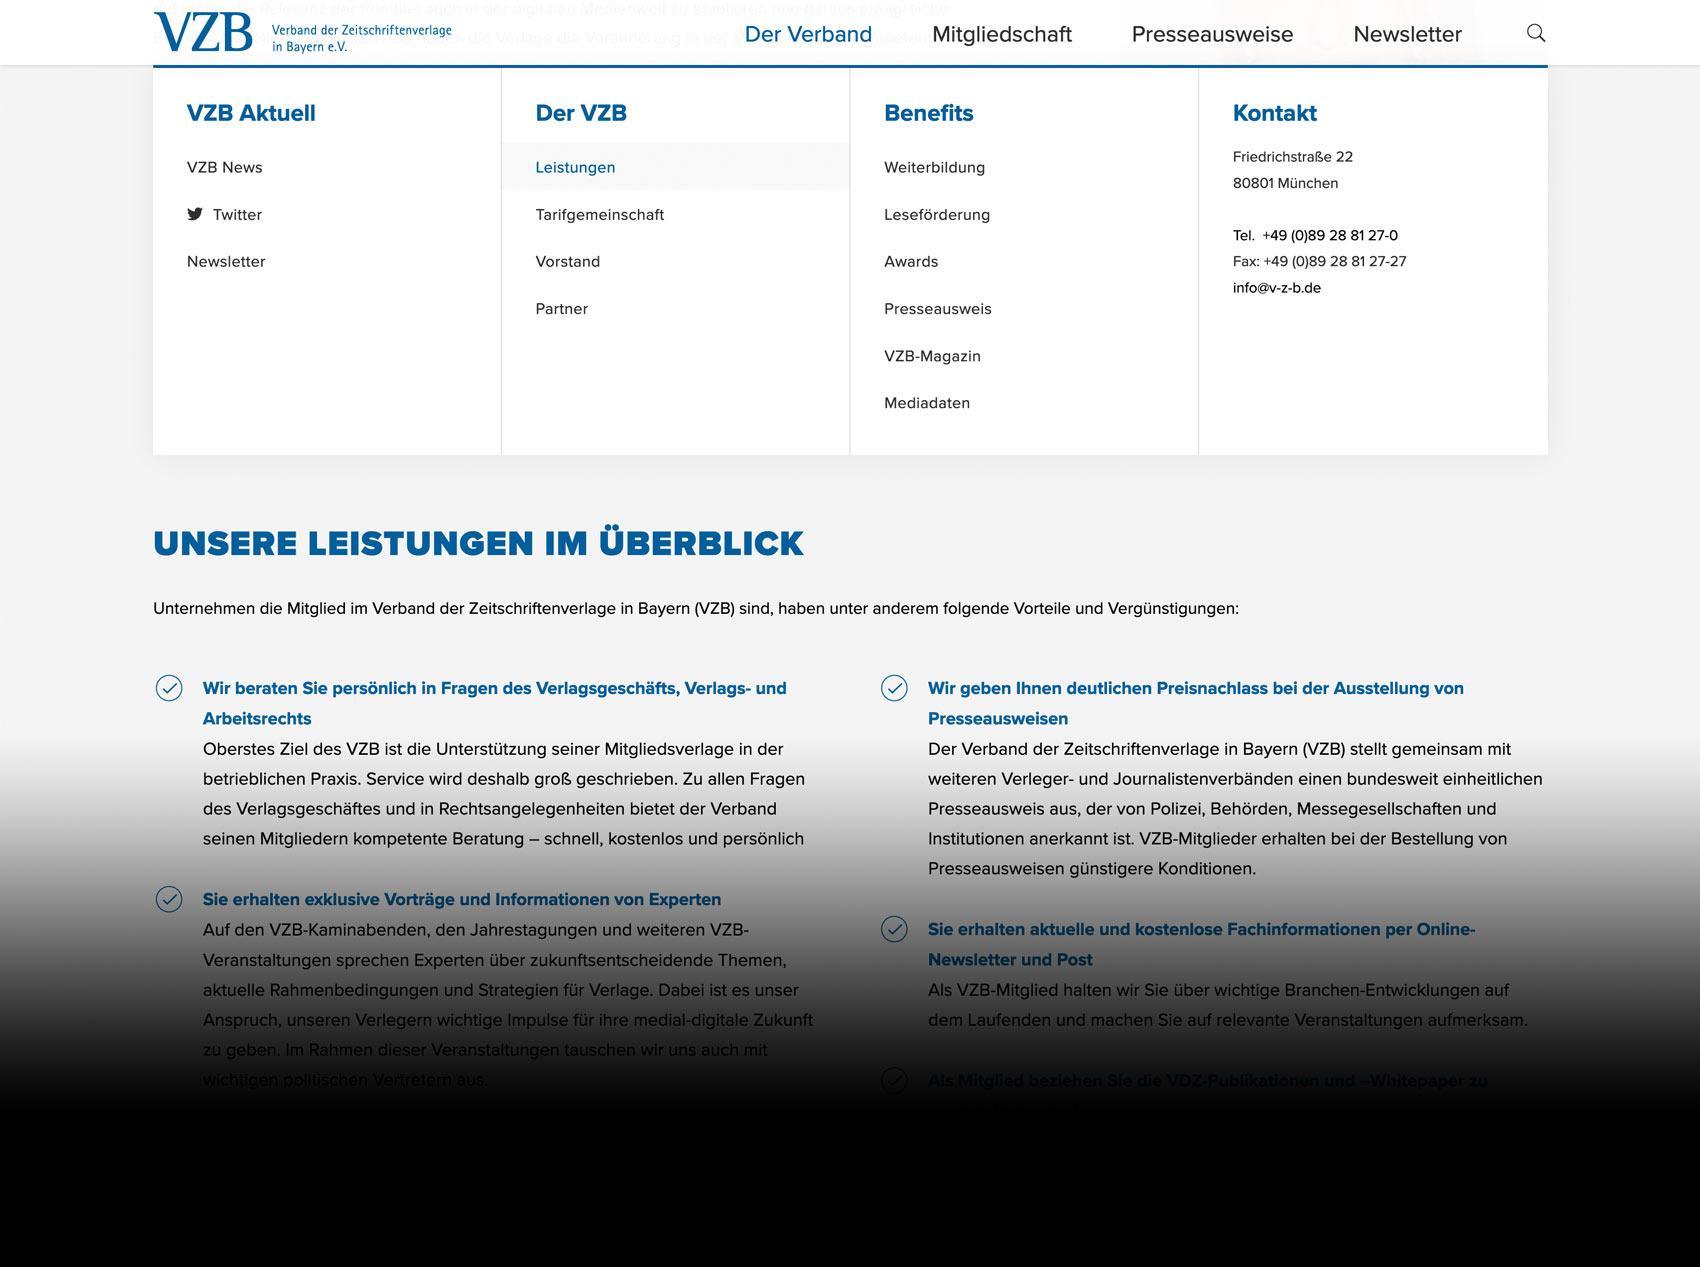 Internetseite des VZB München